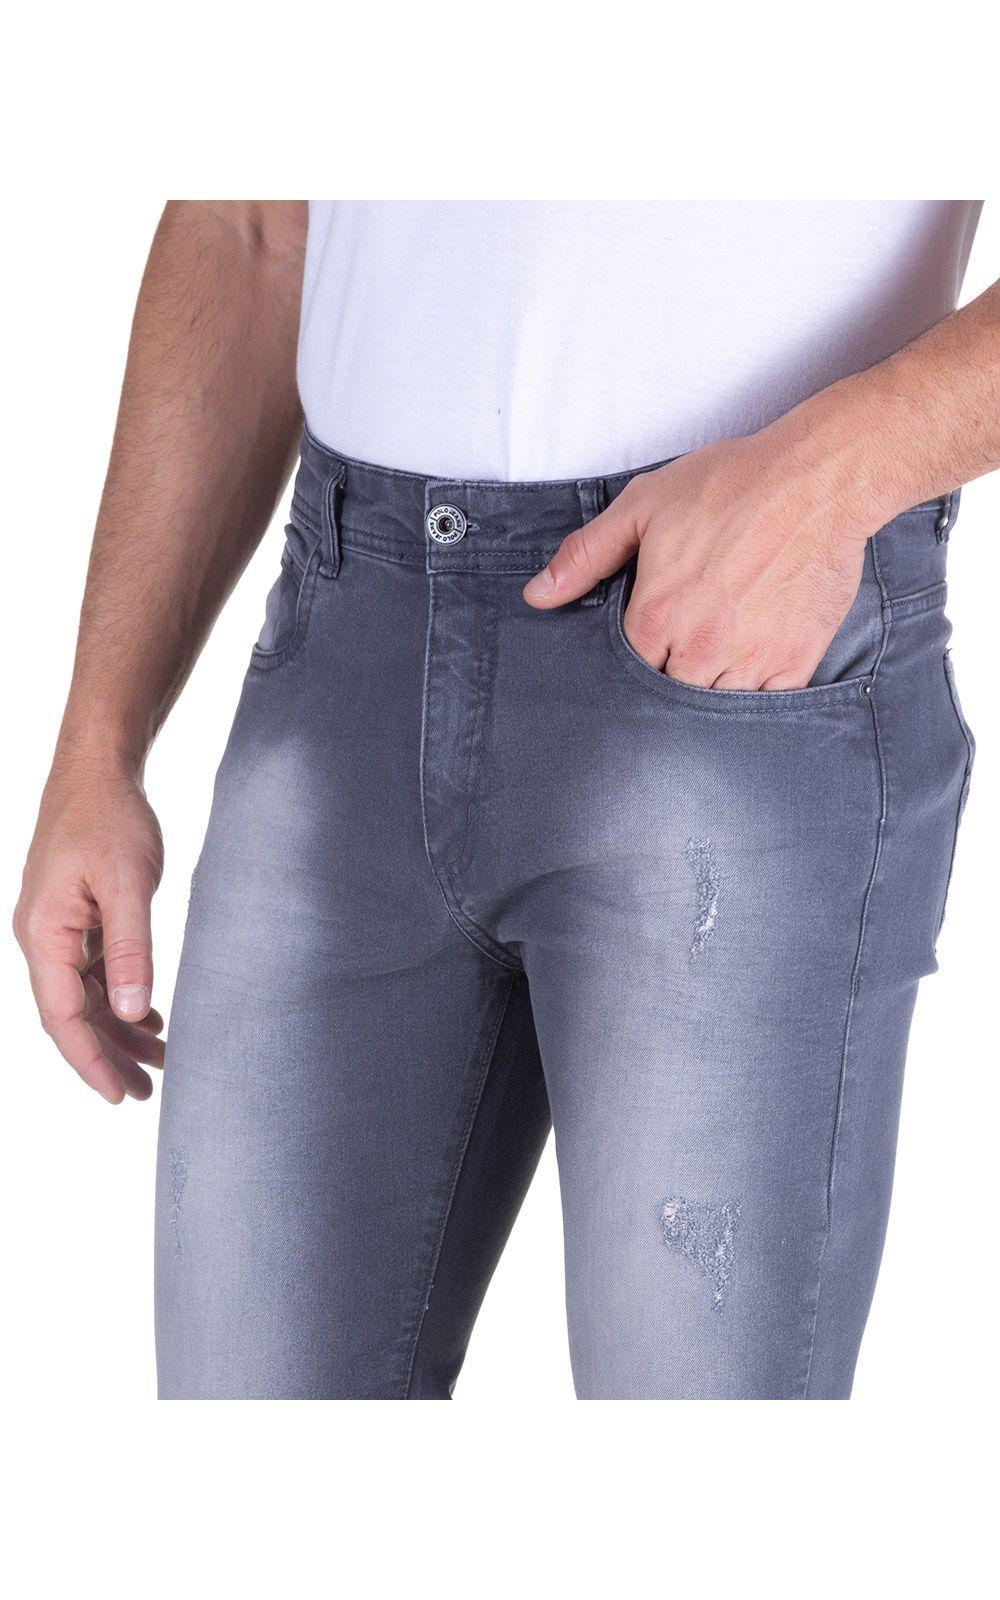 Foto 3 - Calça Jeans Masculina Cinza Lisa